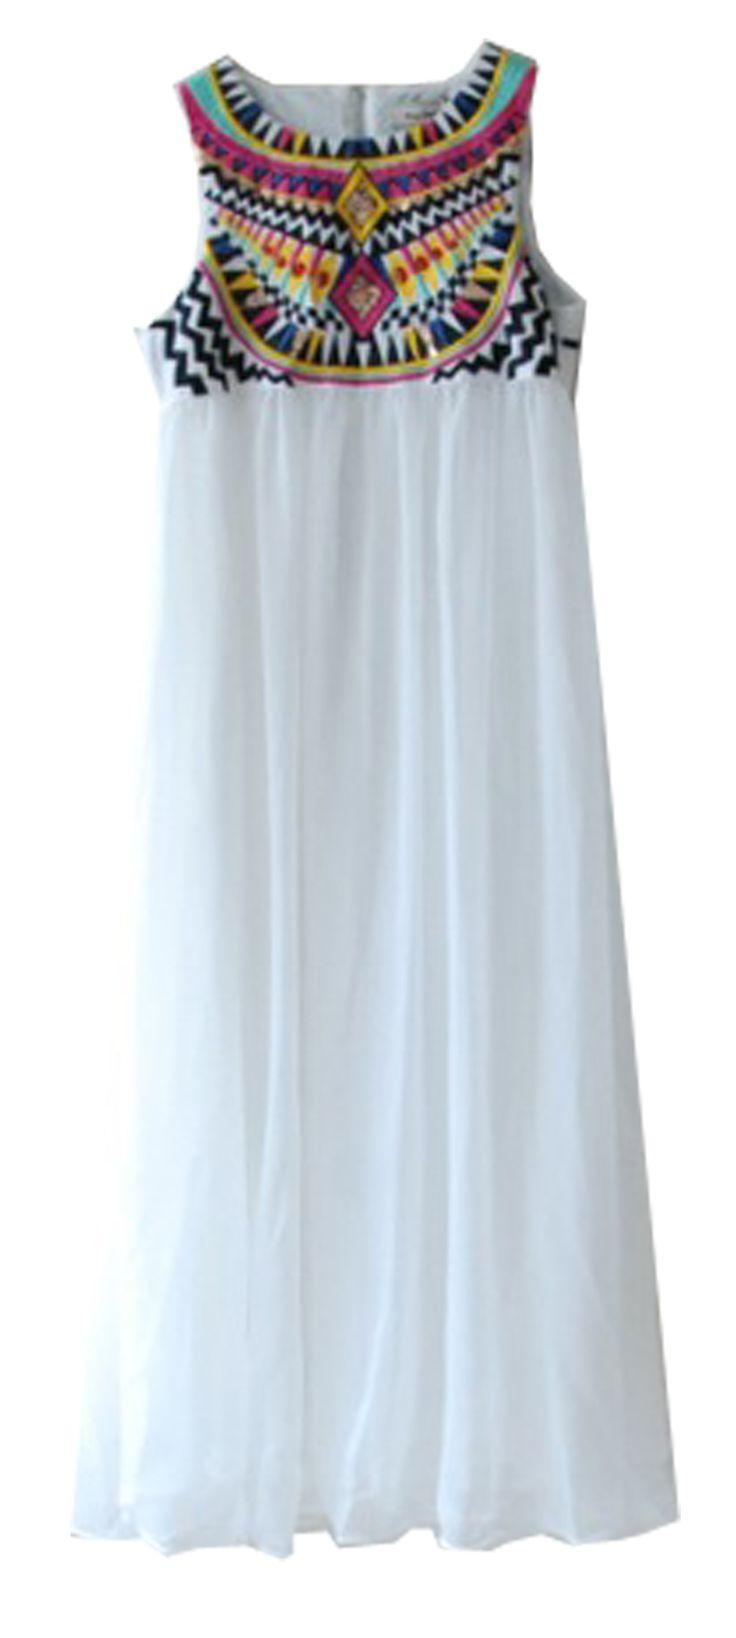 White Sleeveless Embroidery Chiffon Dress